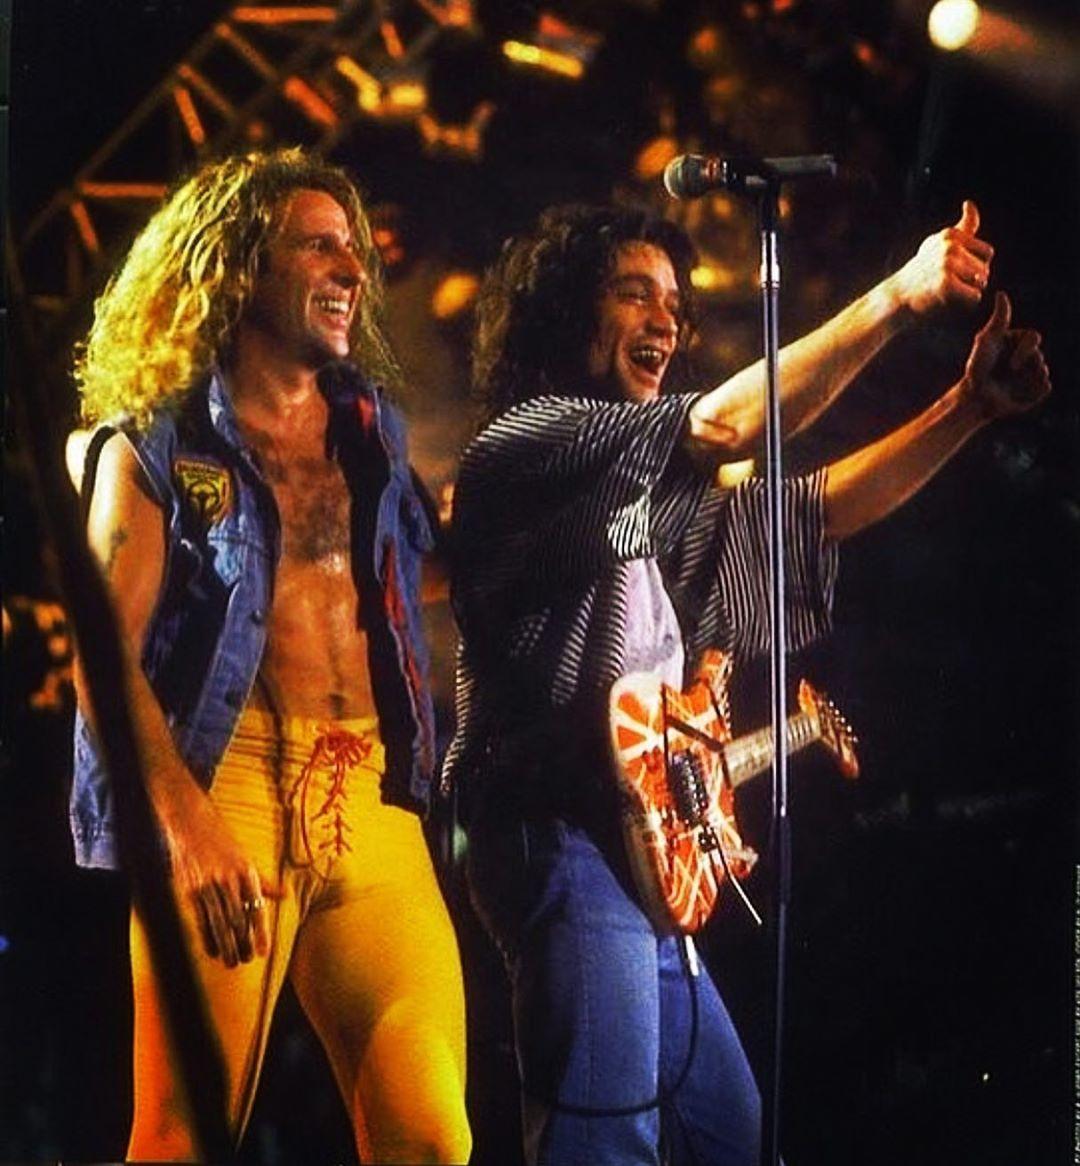 Vh Vanhalen Davidleeroth Dlr Diamonddave Eddievanhalen Evh Michaelanthony Alexvanhalen Sammyhagar Rocknr Van Halen Eddie Van Halen Heavy Metal Music